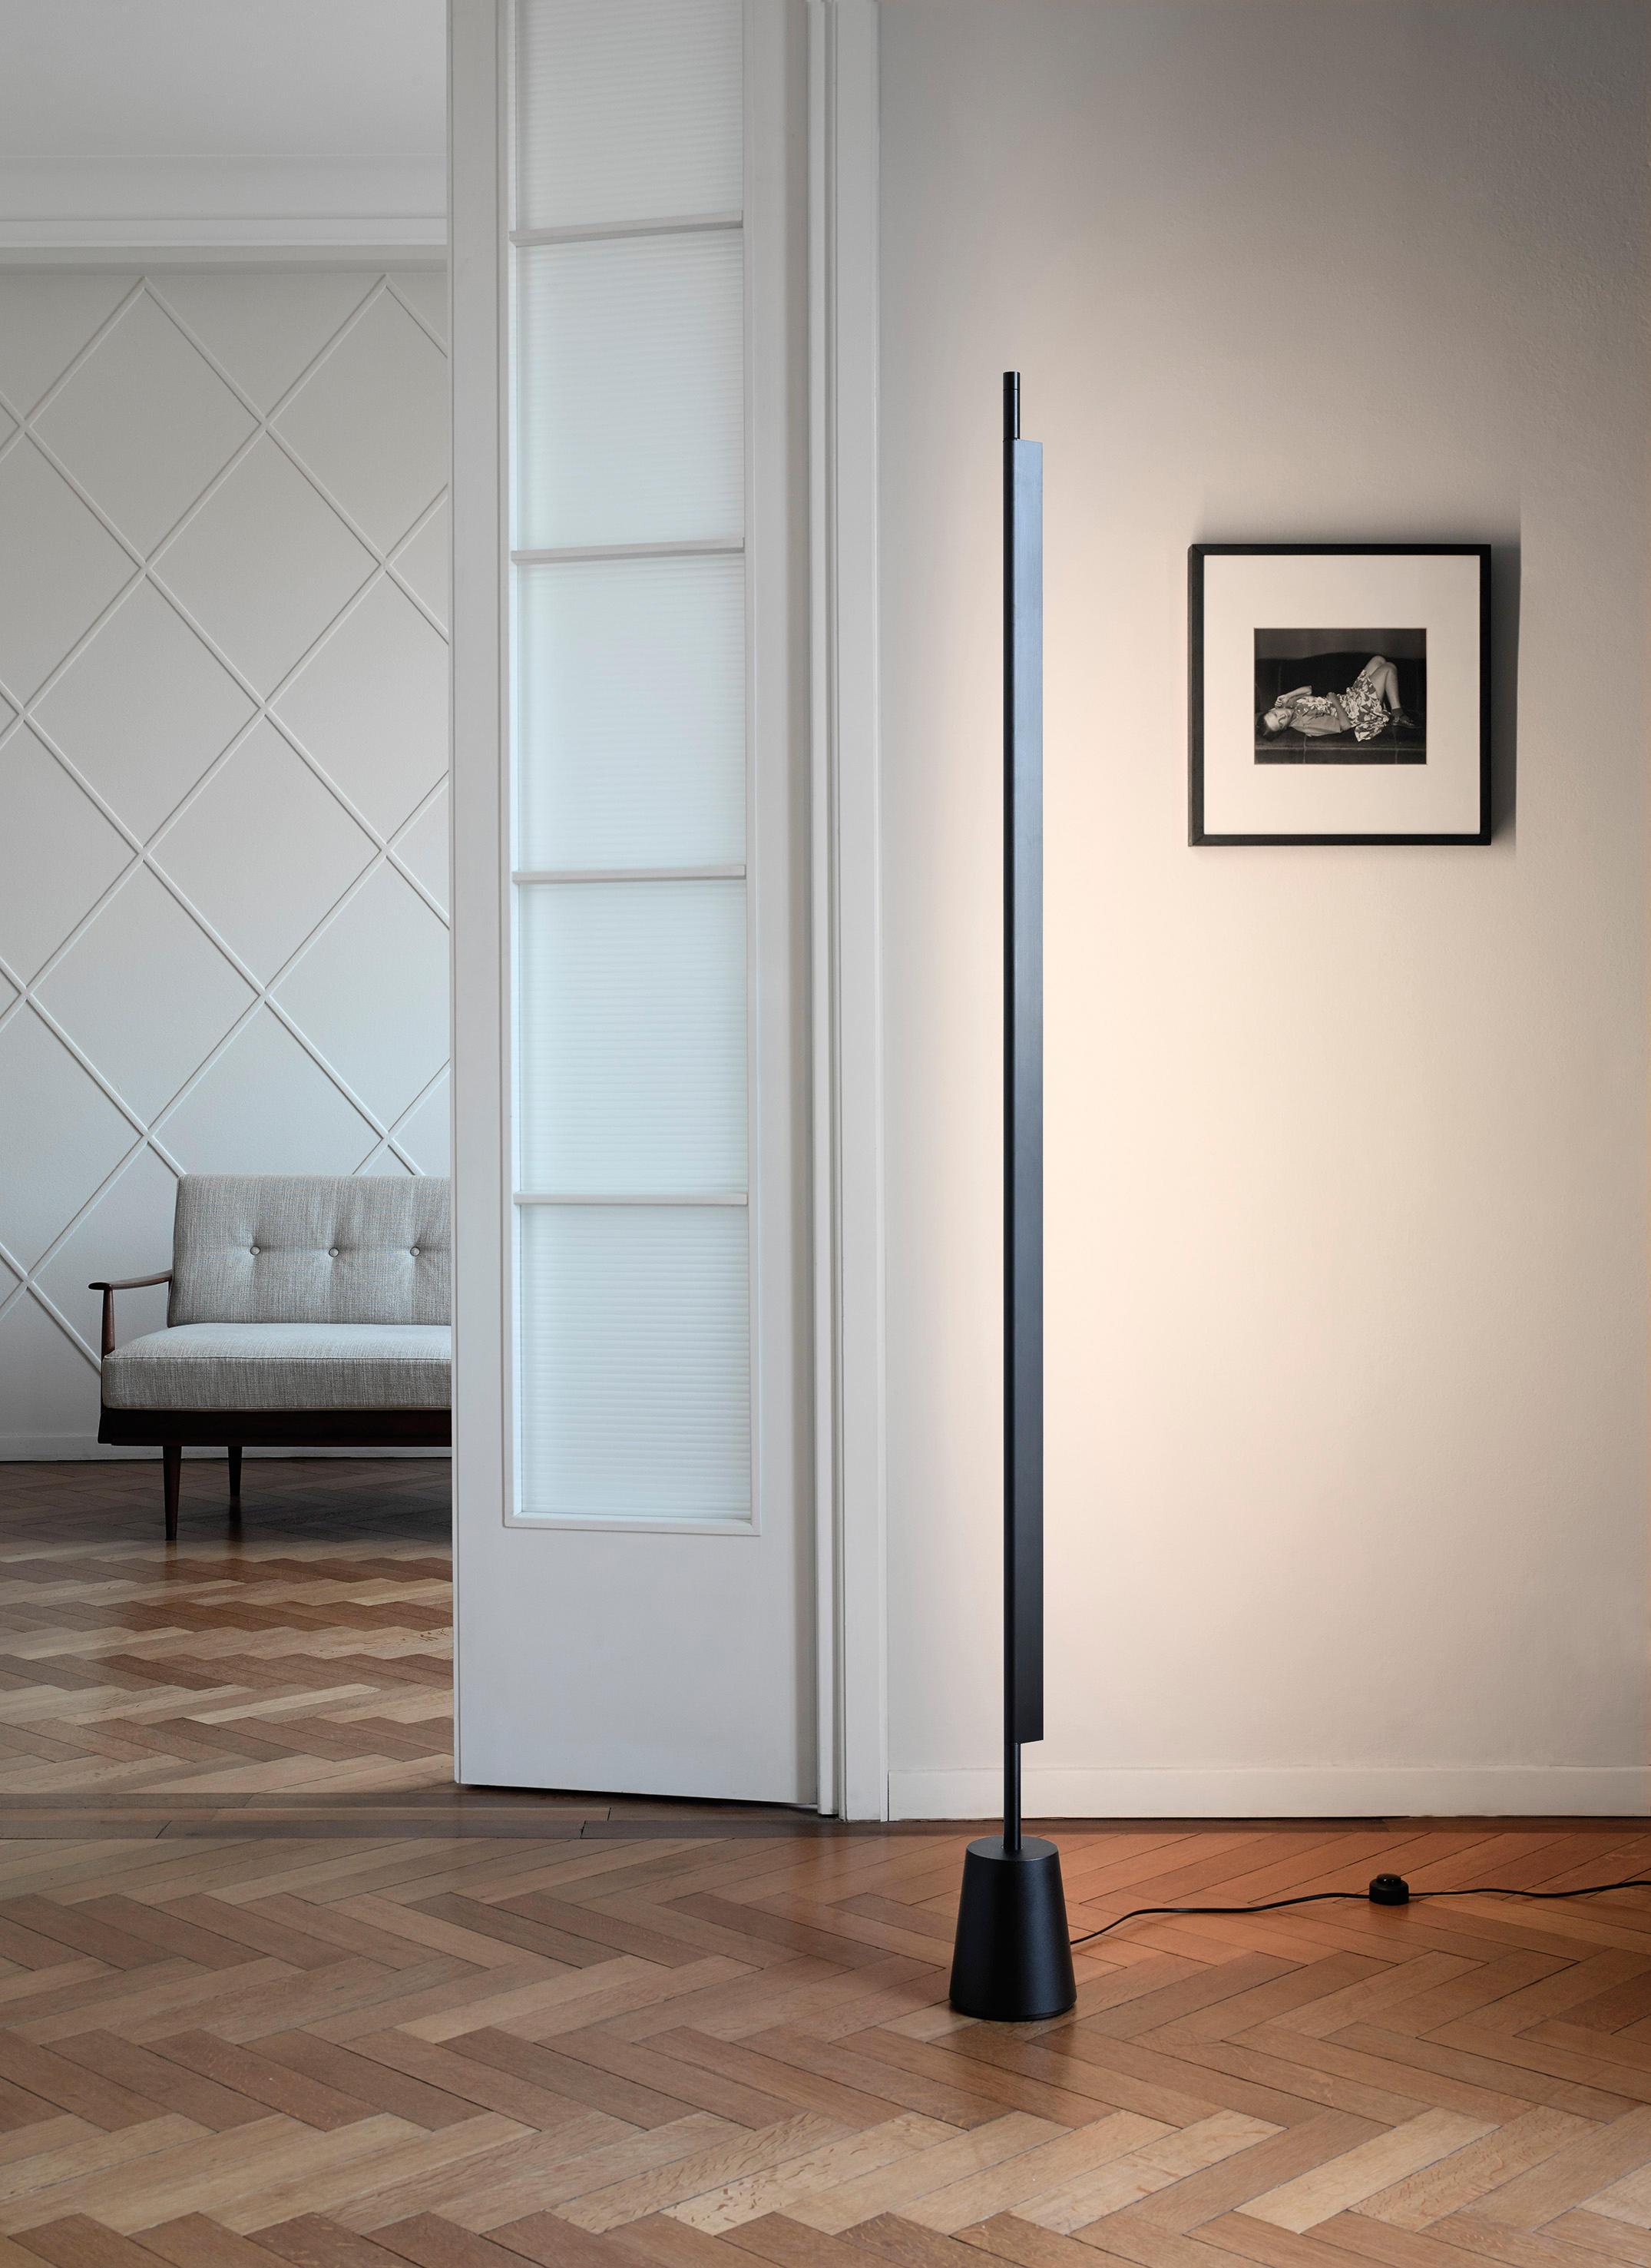 Compendium floor iluminaci n general de luceplan for Luceplan catalogo